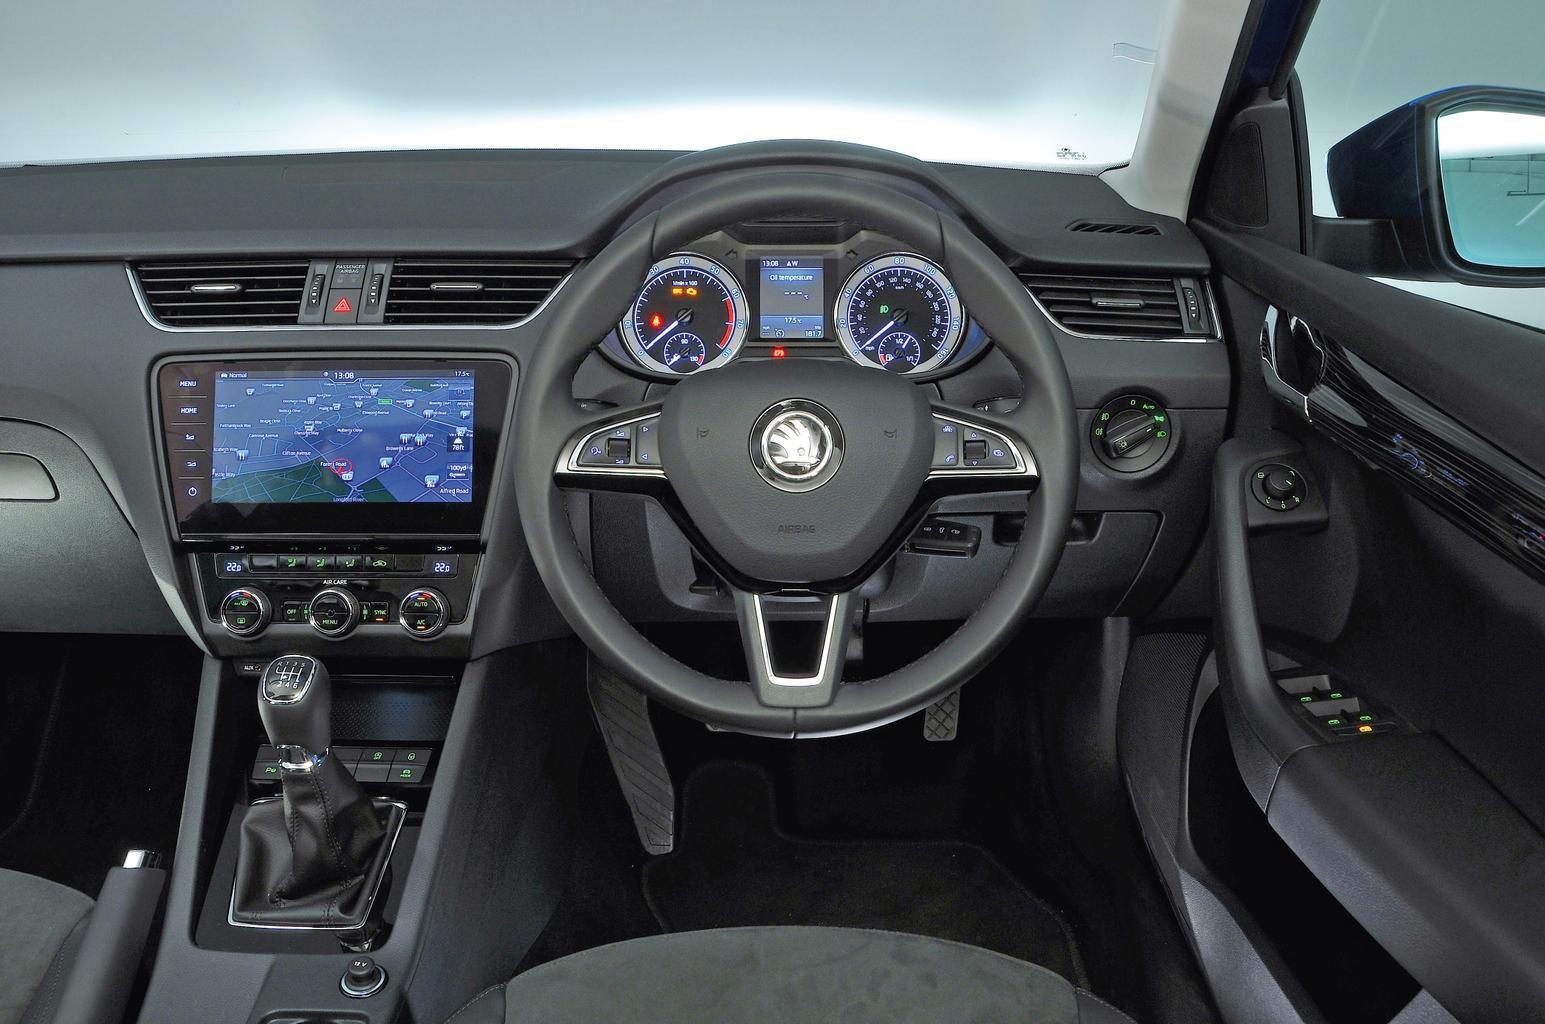 Skoda Octavia 1.0 TSI S - interior